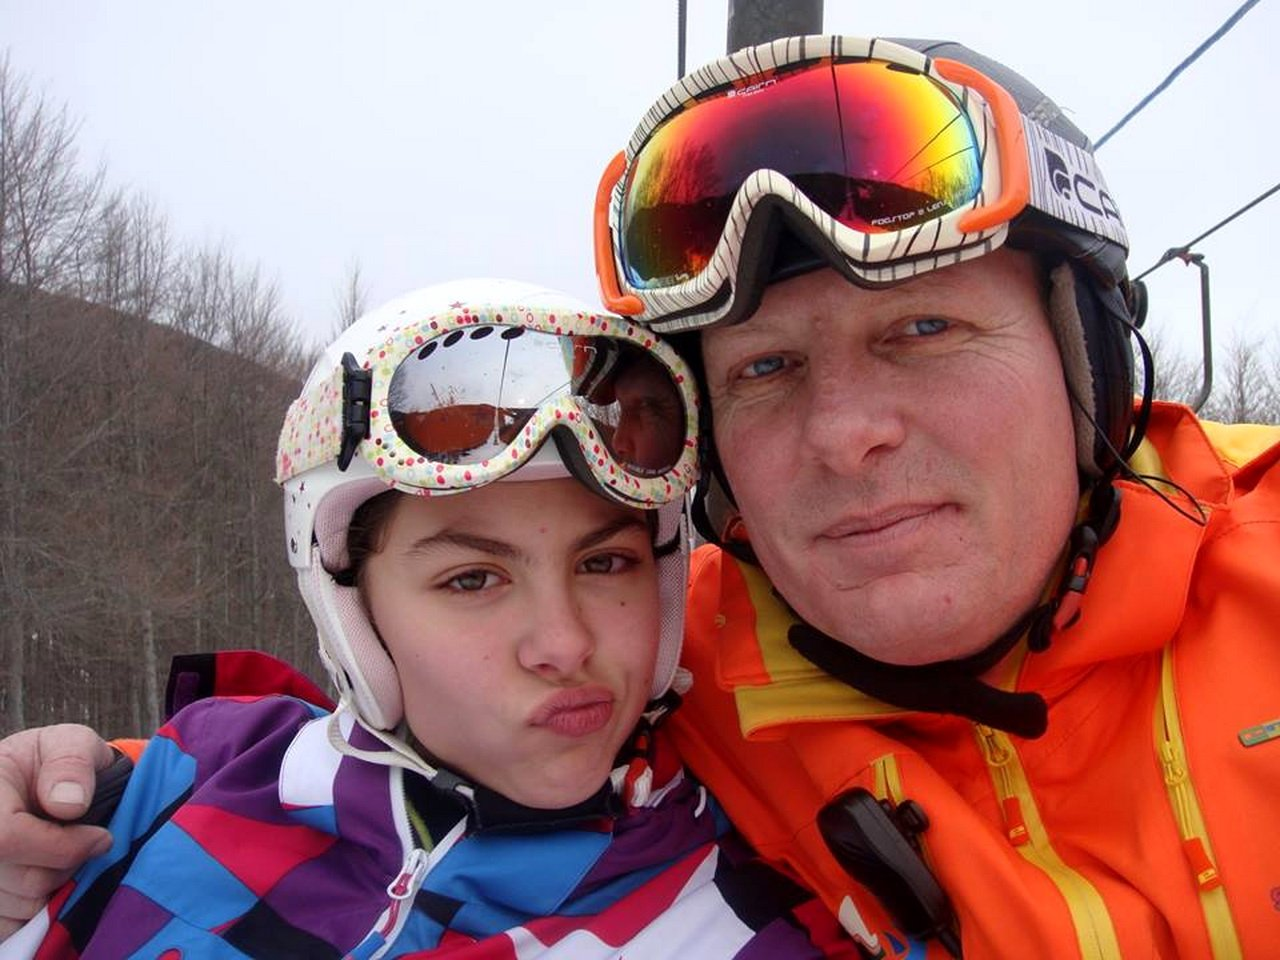 Δεύτερο Σαββατοκύριακο της ακαδημίας skiteam.gr για το 2015